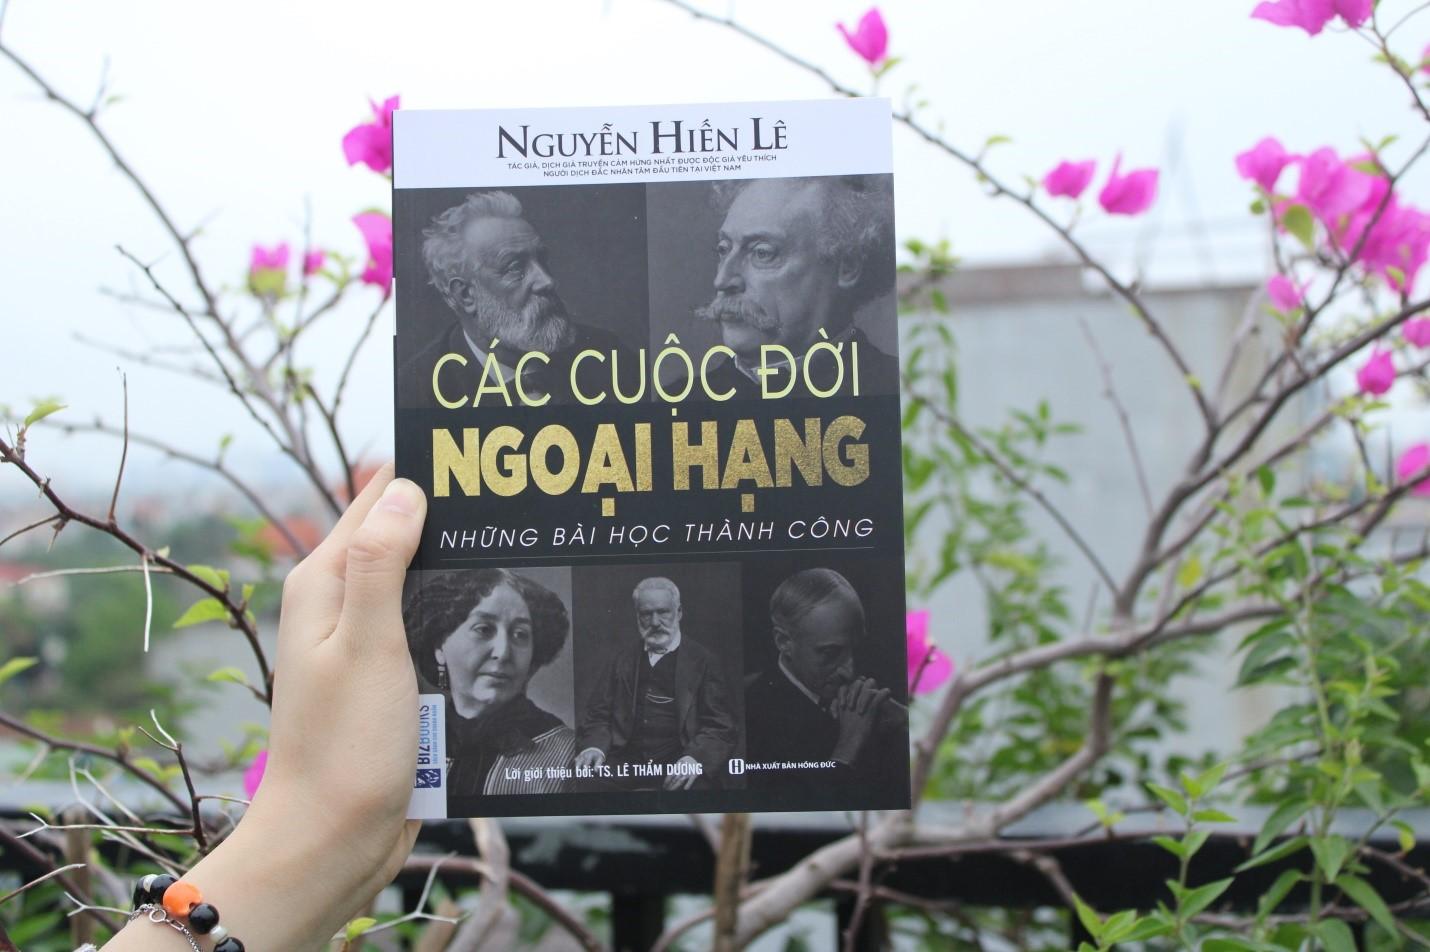 Các Cuộc Đời Ngoại Hạng - Những Bài Học Thành Công (Nguyễn Hiến Lê - Bộ Sách Sống Sao Cho Đúng)